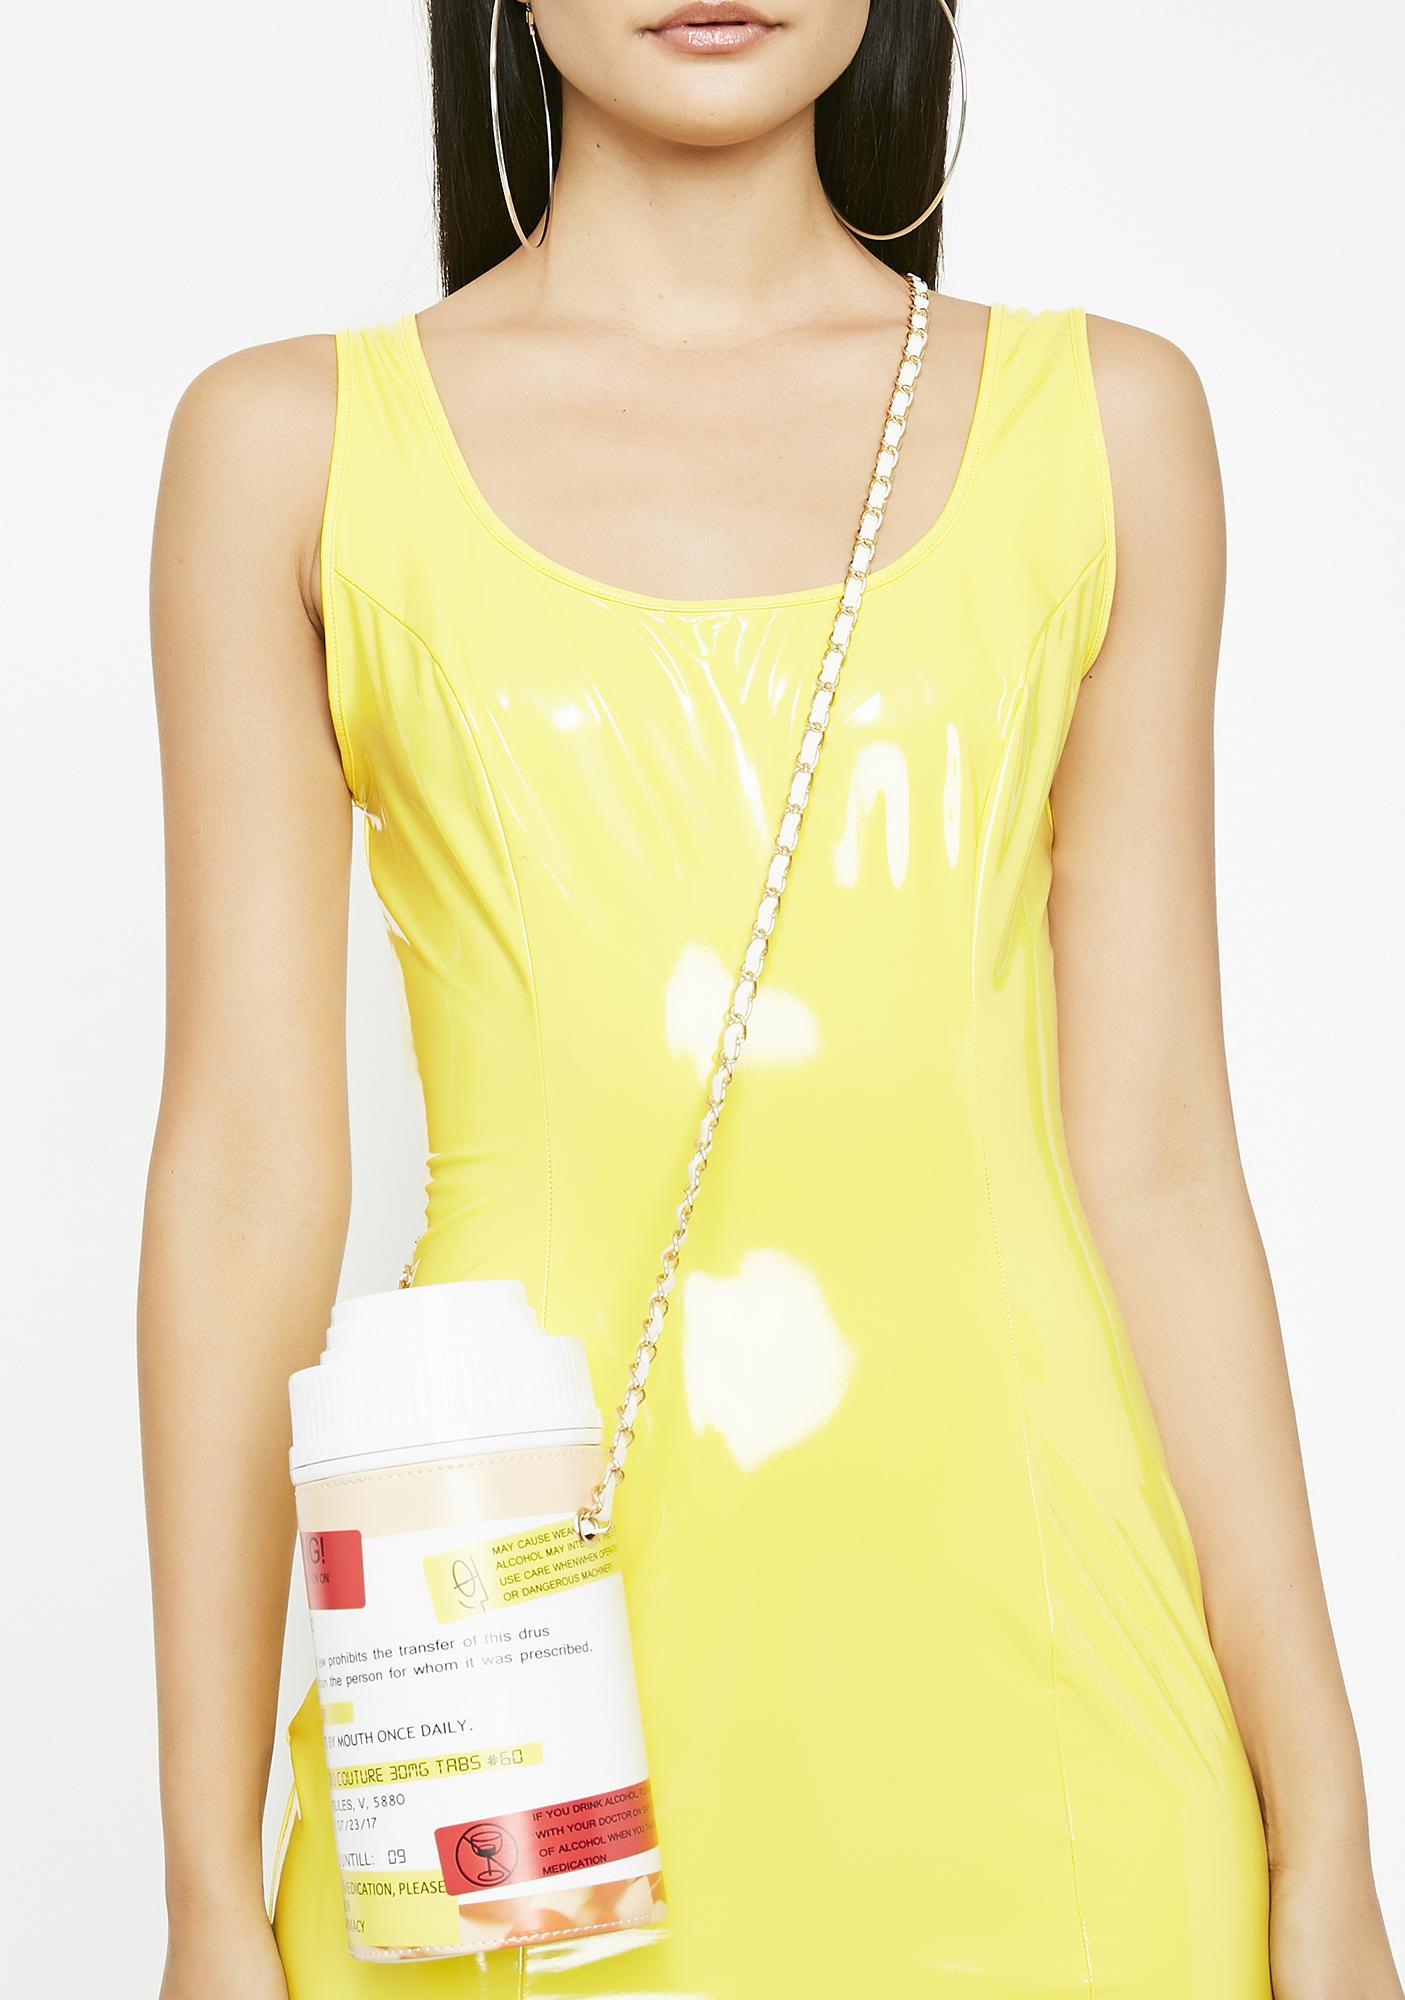 Fashion Overdose Prescription Bag